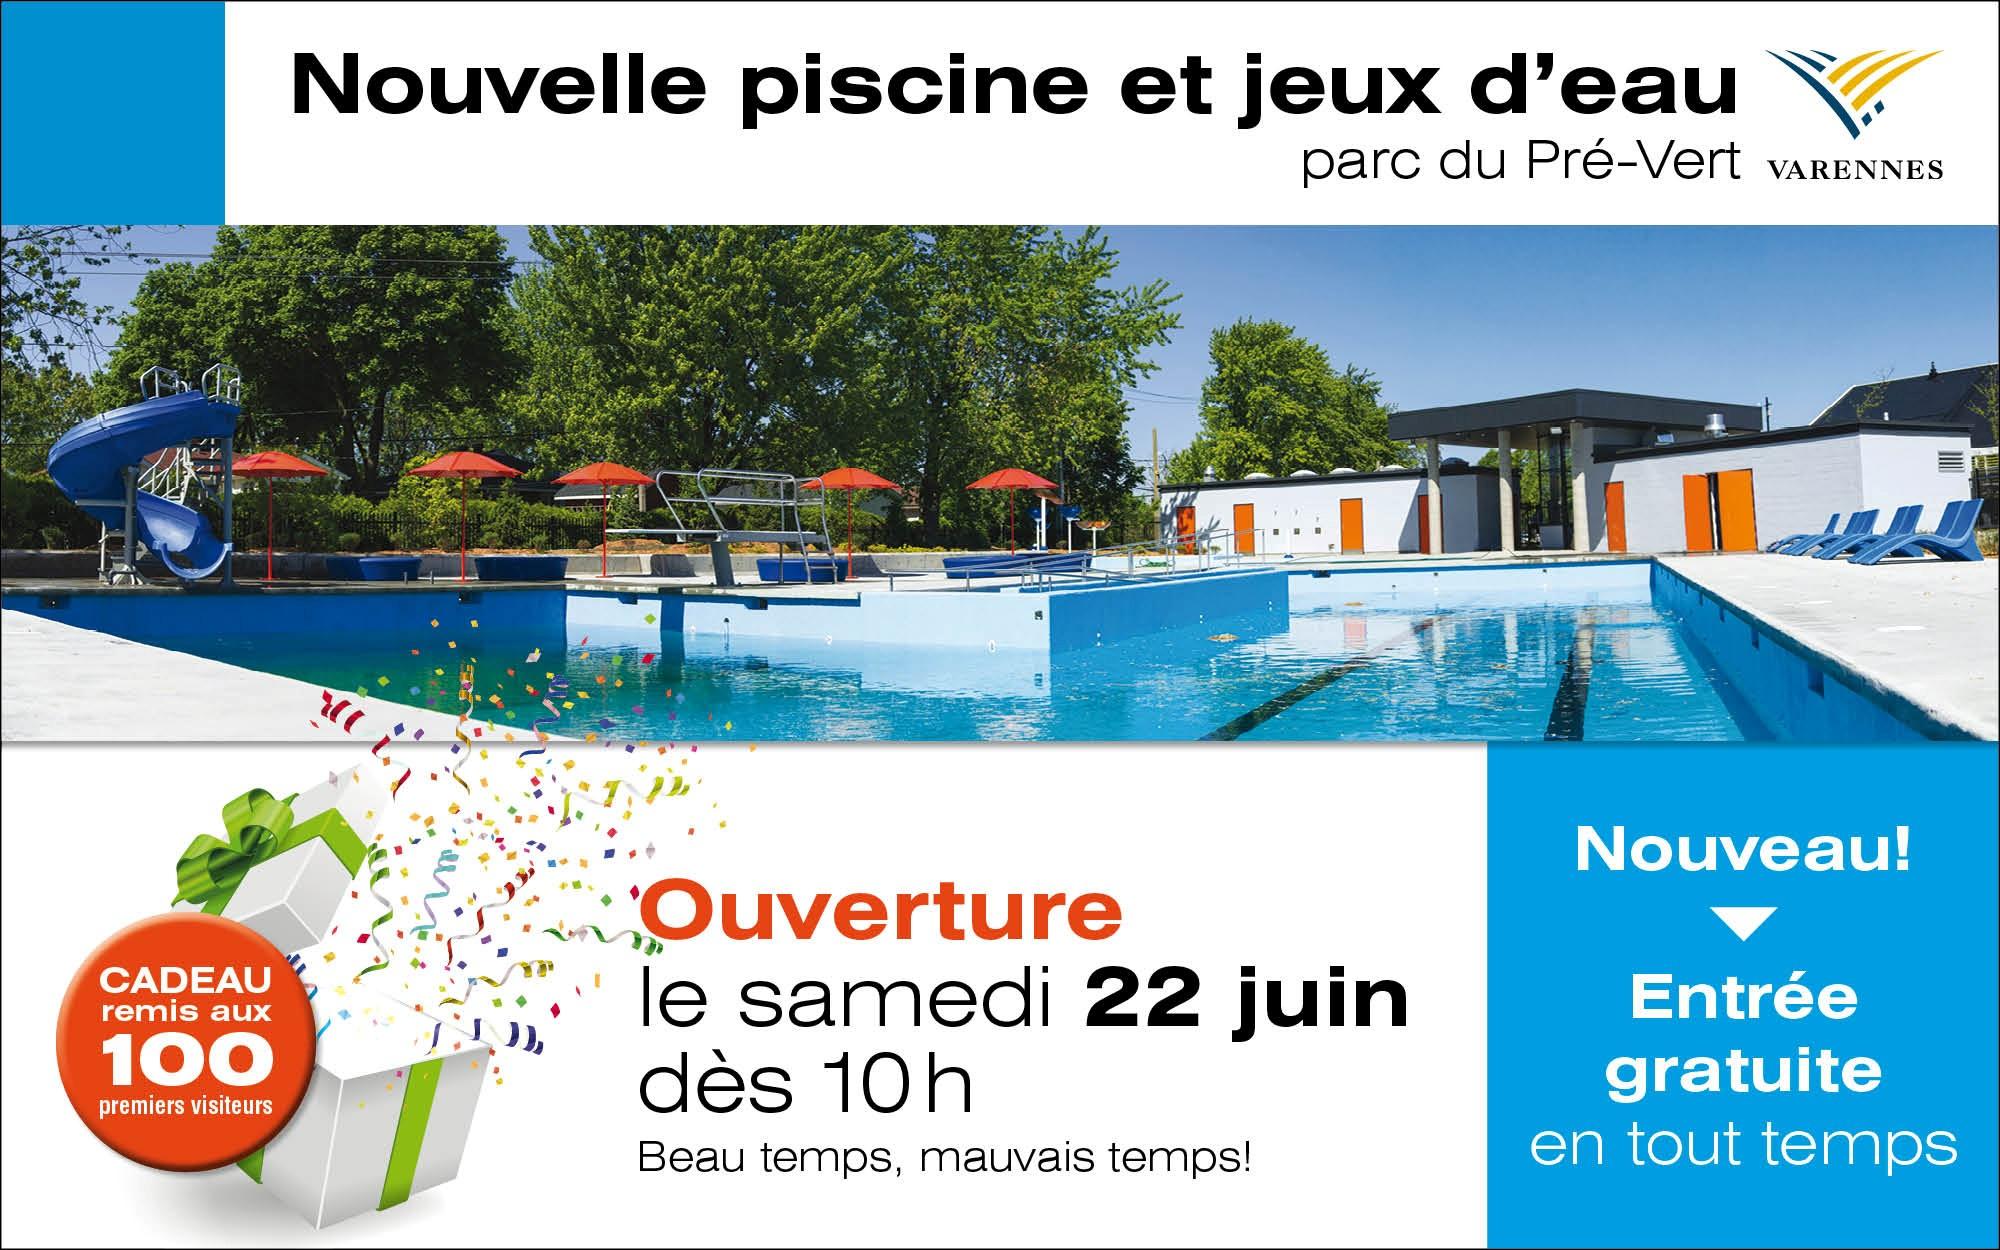 Grande Ouverture De La Nouvelle Piscine Et Jeux D'eau Du ... à Jeux De Piscine Gratuit